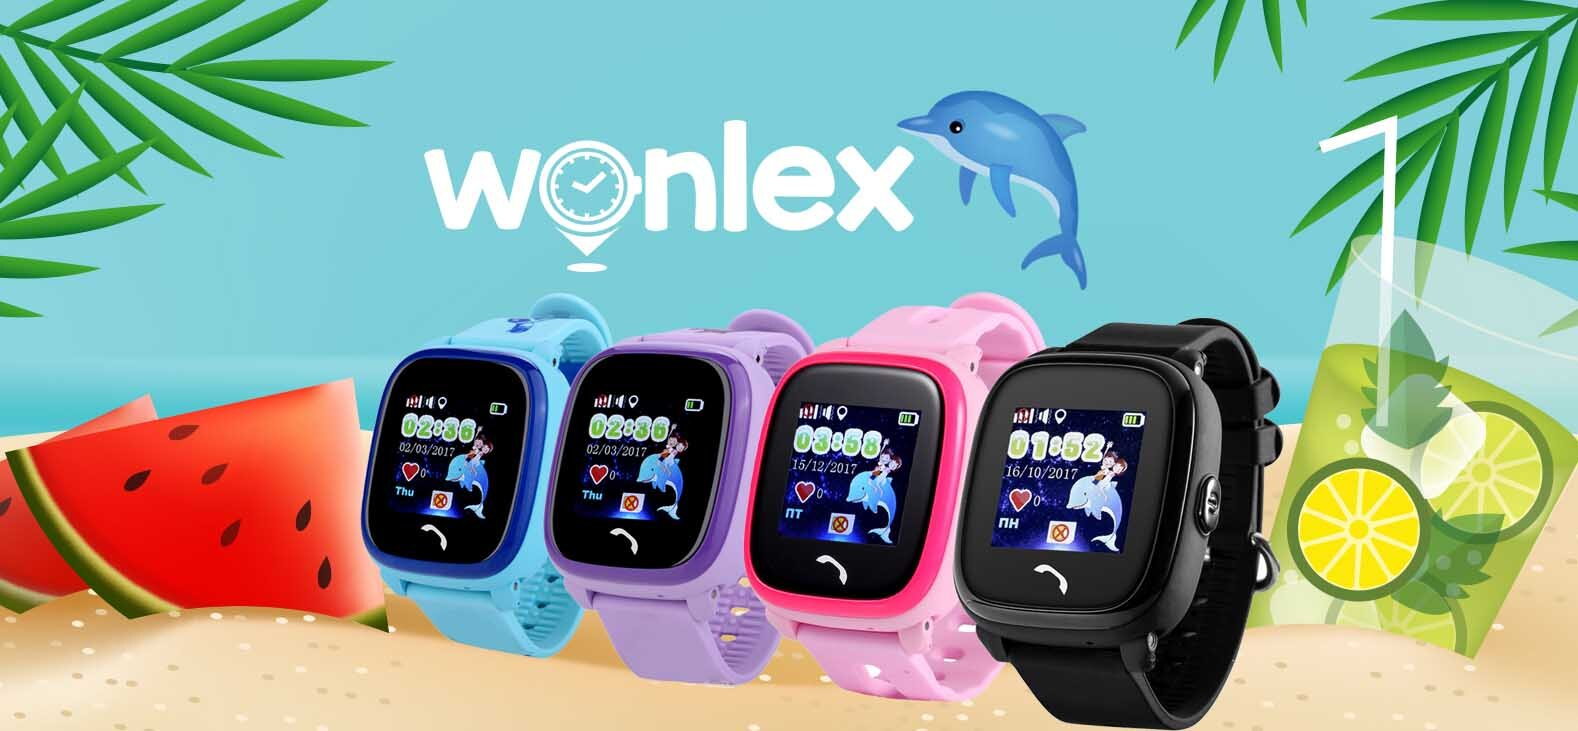 Đồng hồ Wonlex thiết kế nhỏ gọn, màu sắc đa dạng